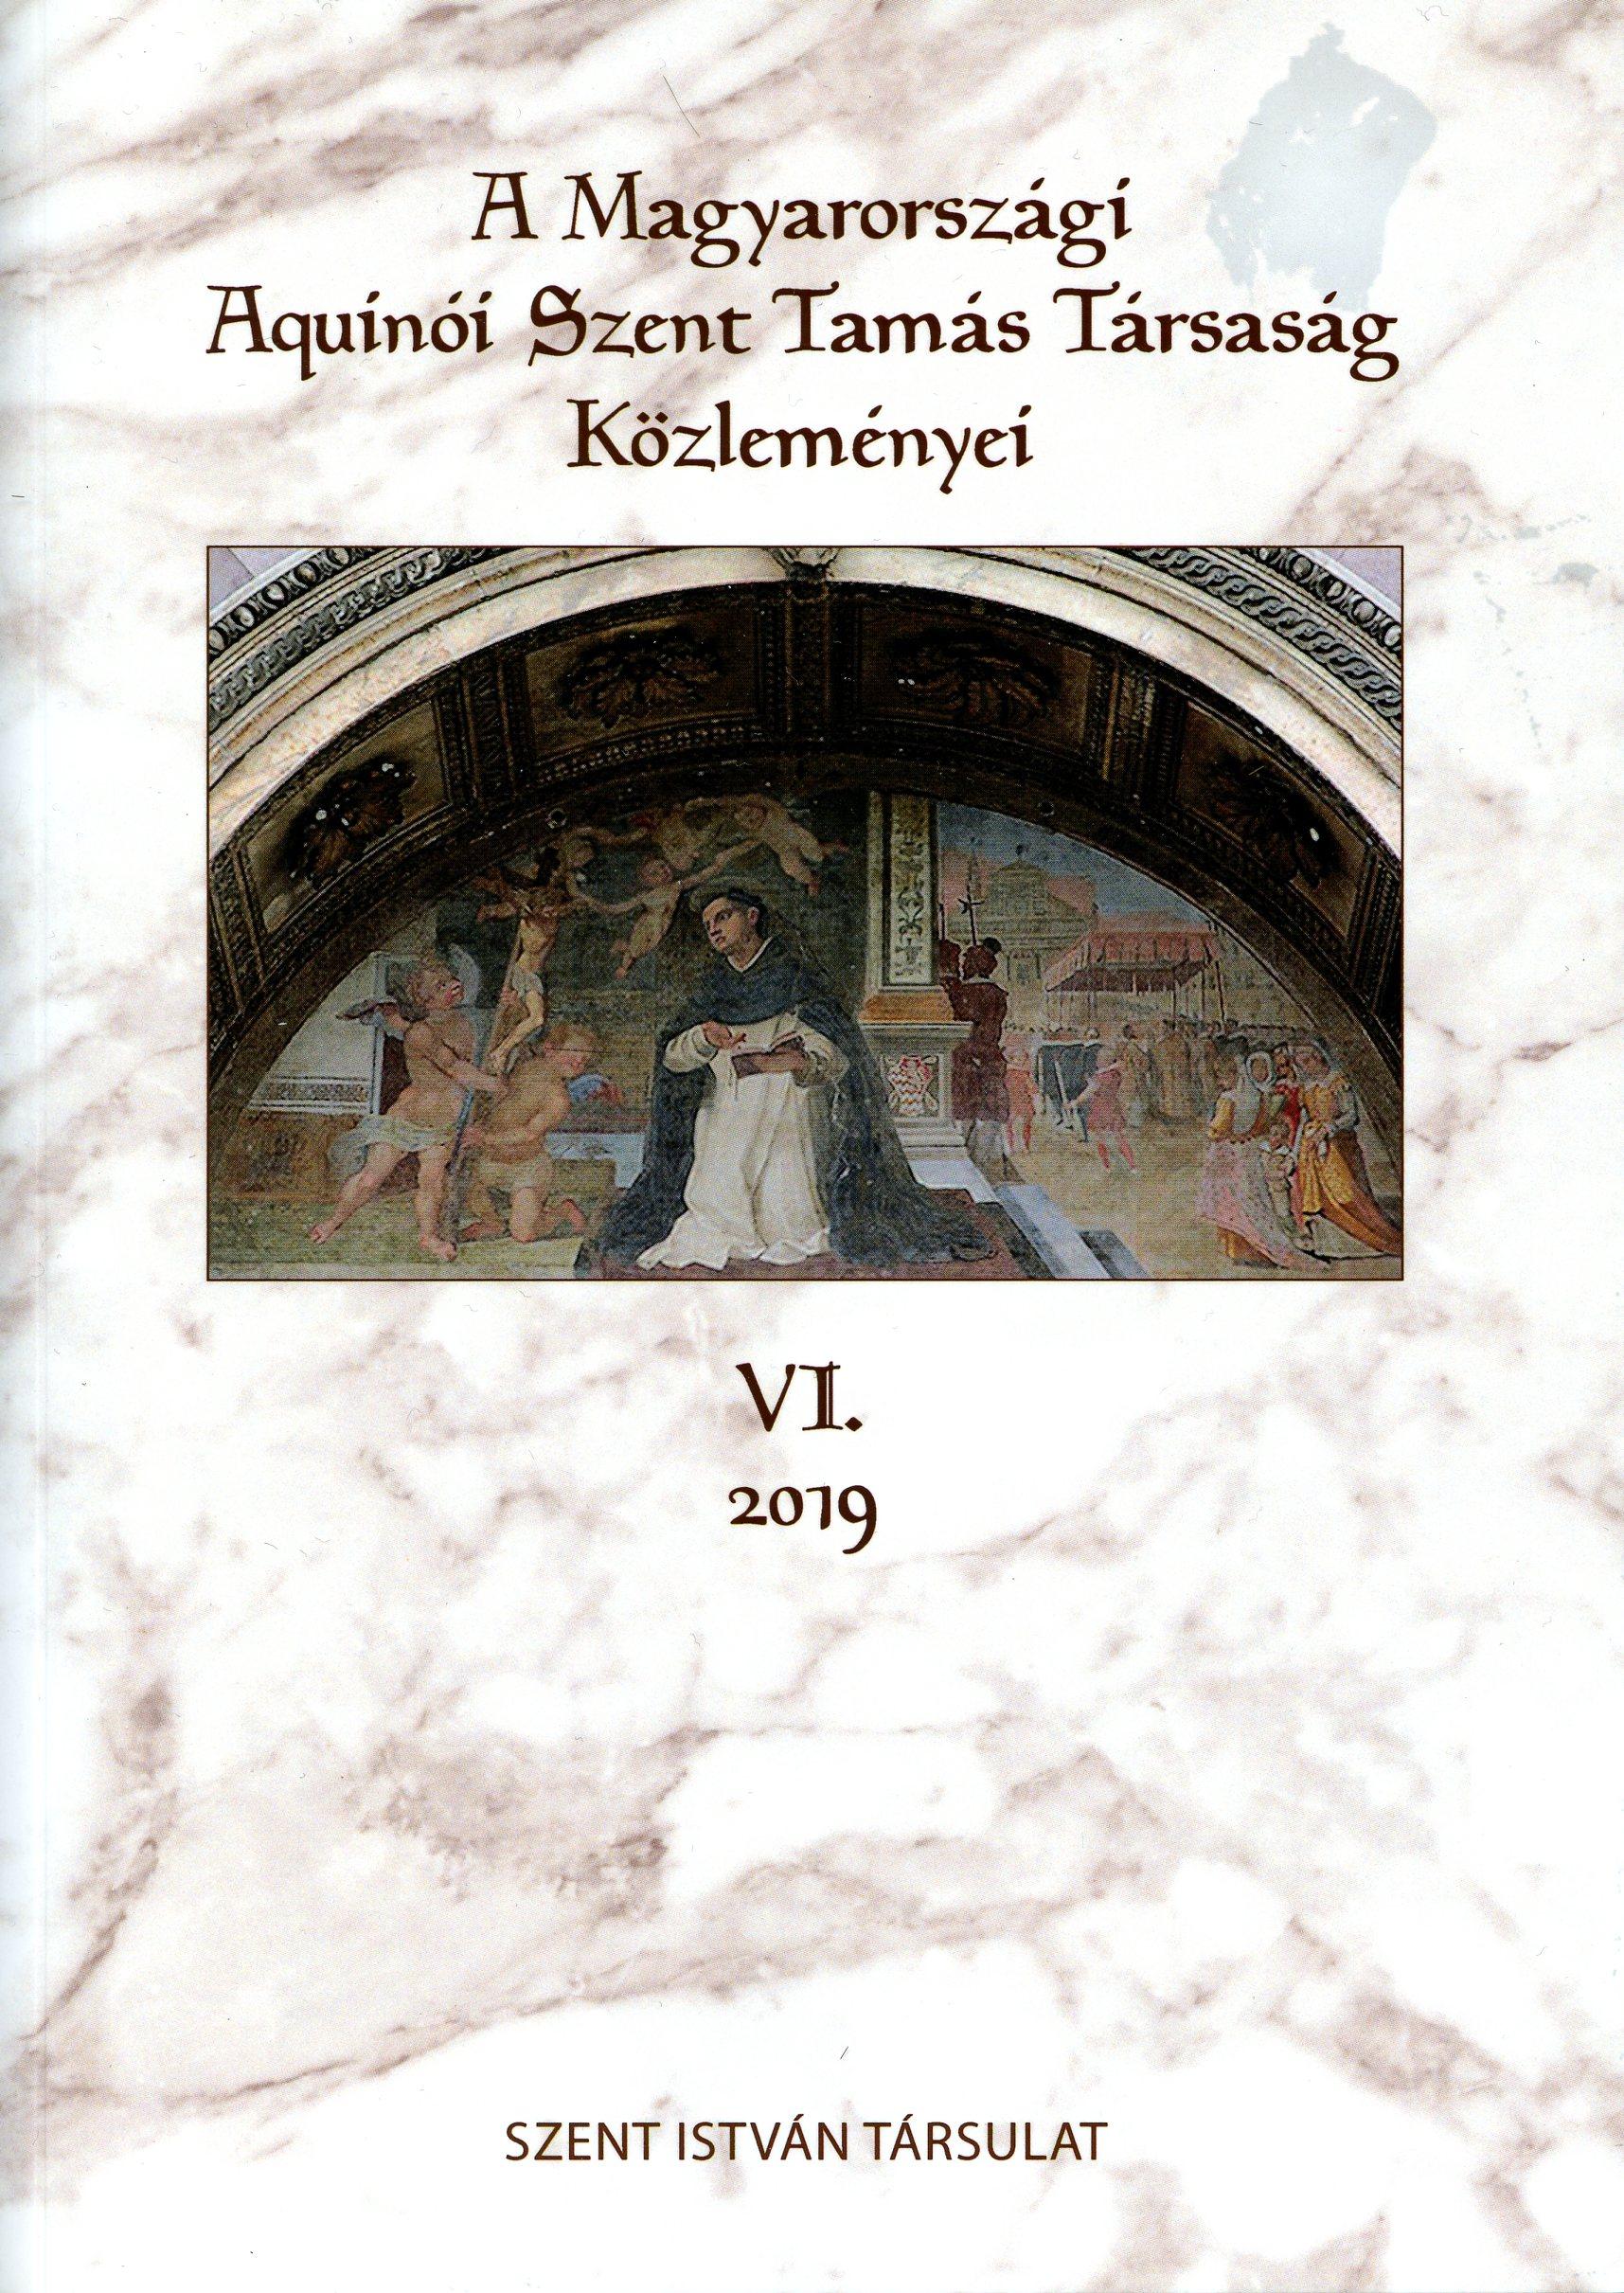 Vincze Krisztián (szerk.): A Magyarországi Aquinói Szent Tamás Társaság közleményei VI., Szent István Társulat, Budapest, 2020.